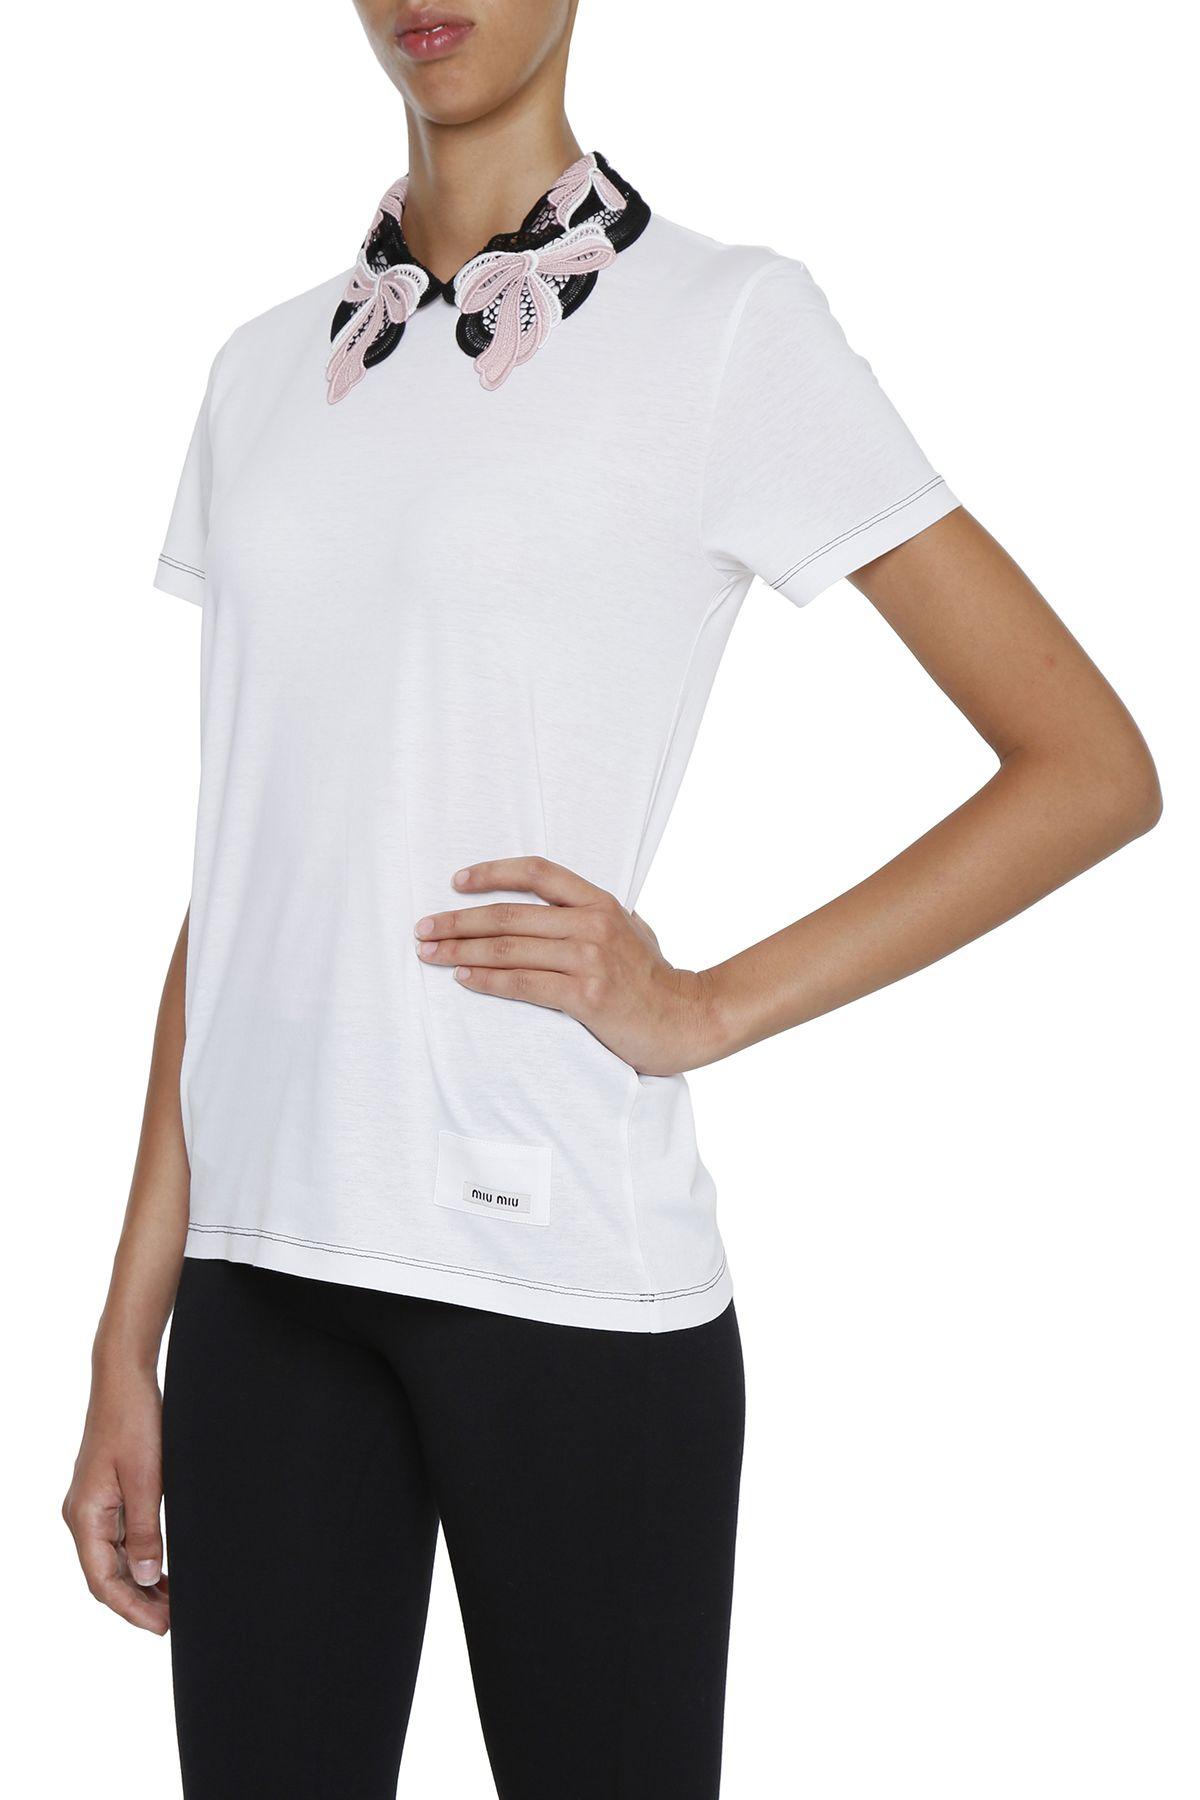 Miu miu jersey and lace t shirt bianco rosa bianco for Miu miu t shirt